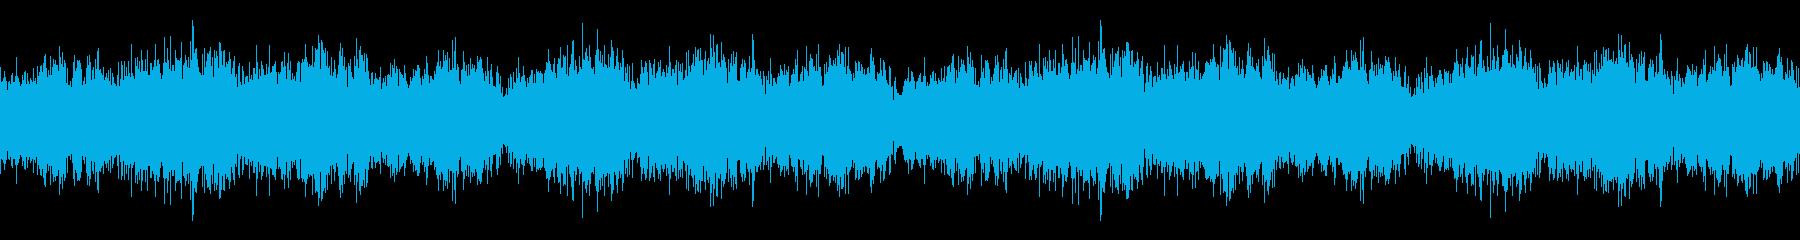 警報が鳴る(ループ対応)の再生済みの波形